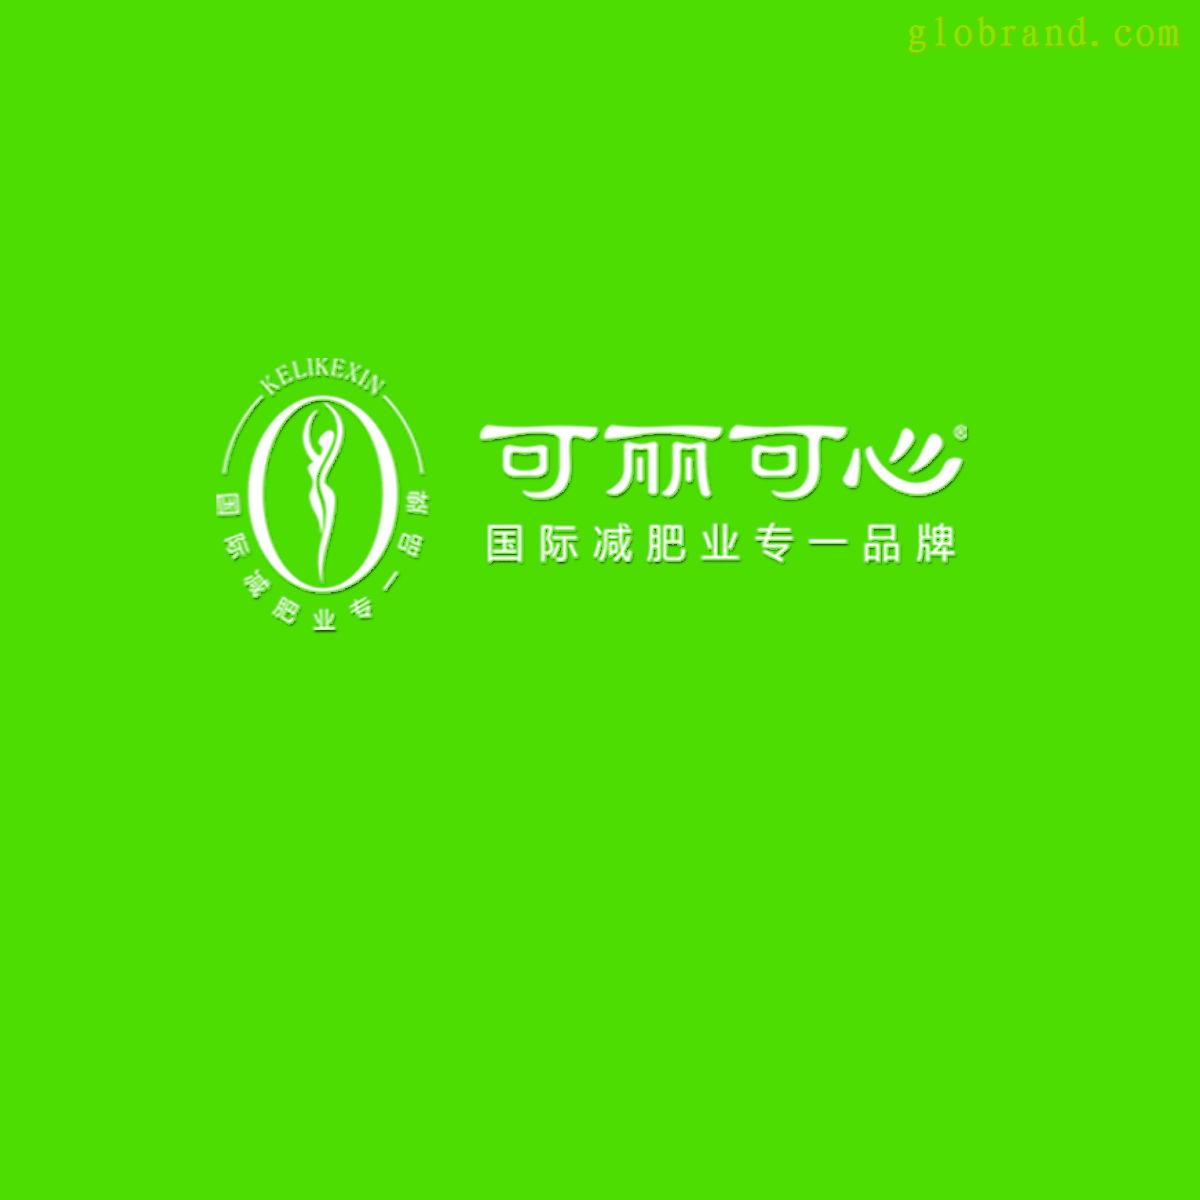 养生馆logo素材绿色